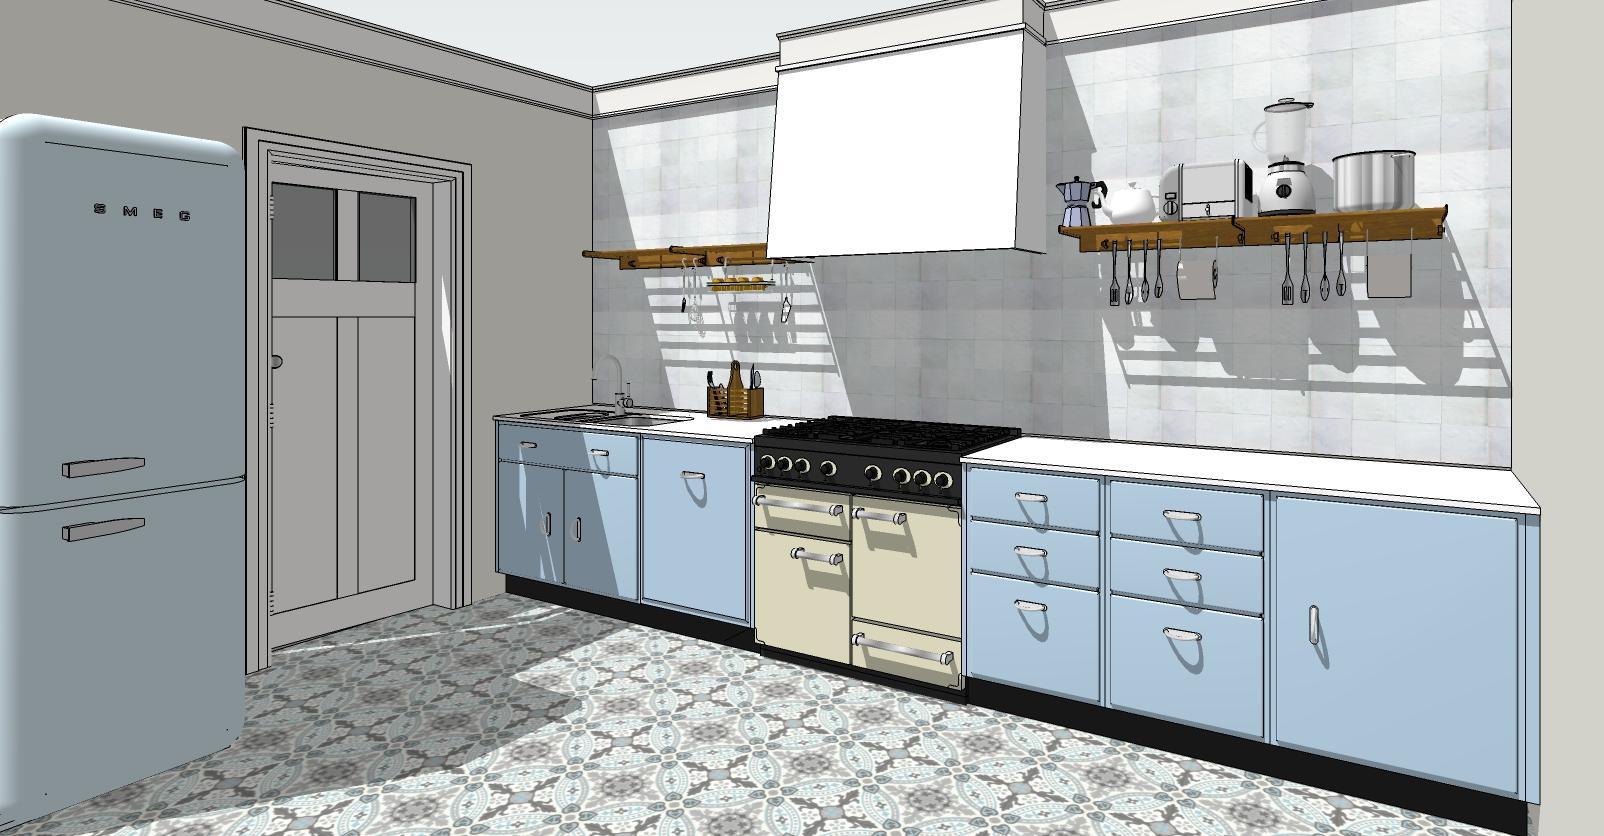 Nostalgische Keukens Belgie : Retro keukens u2013 p & carreau line